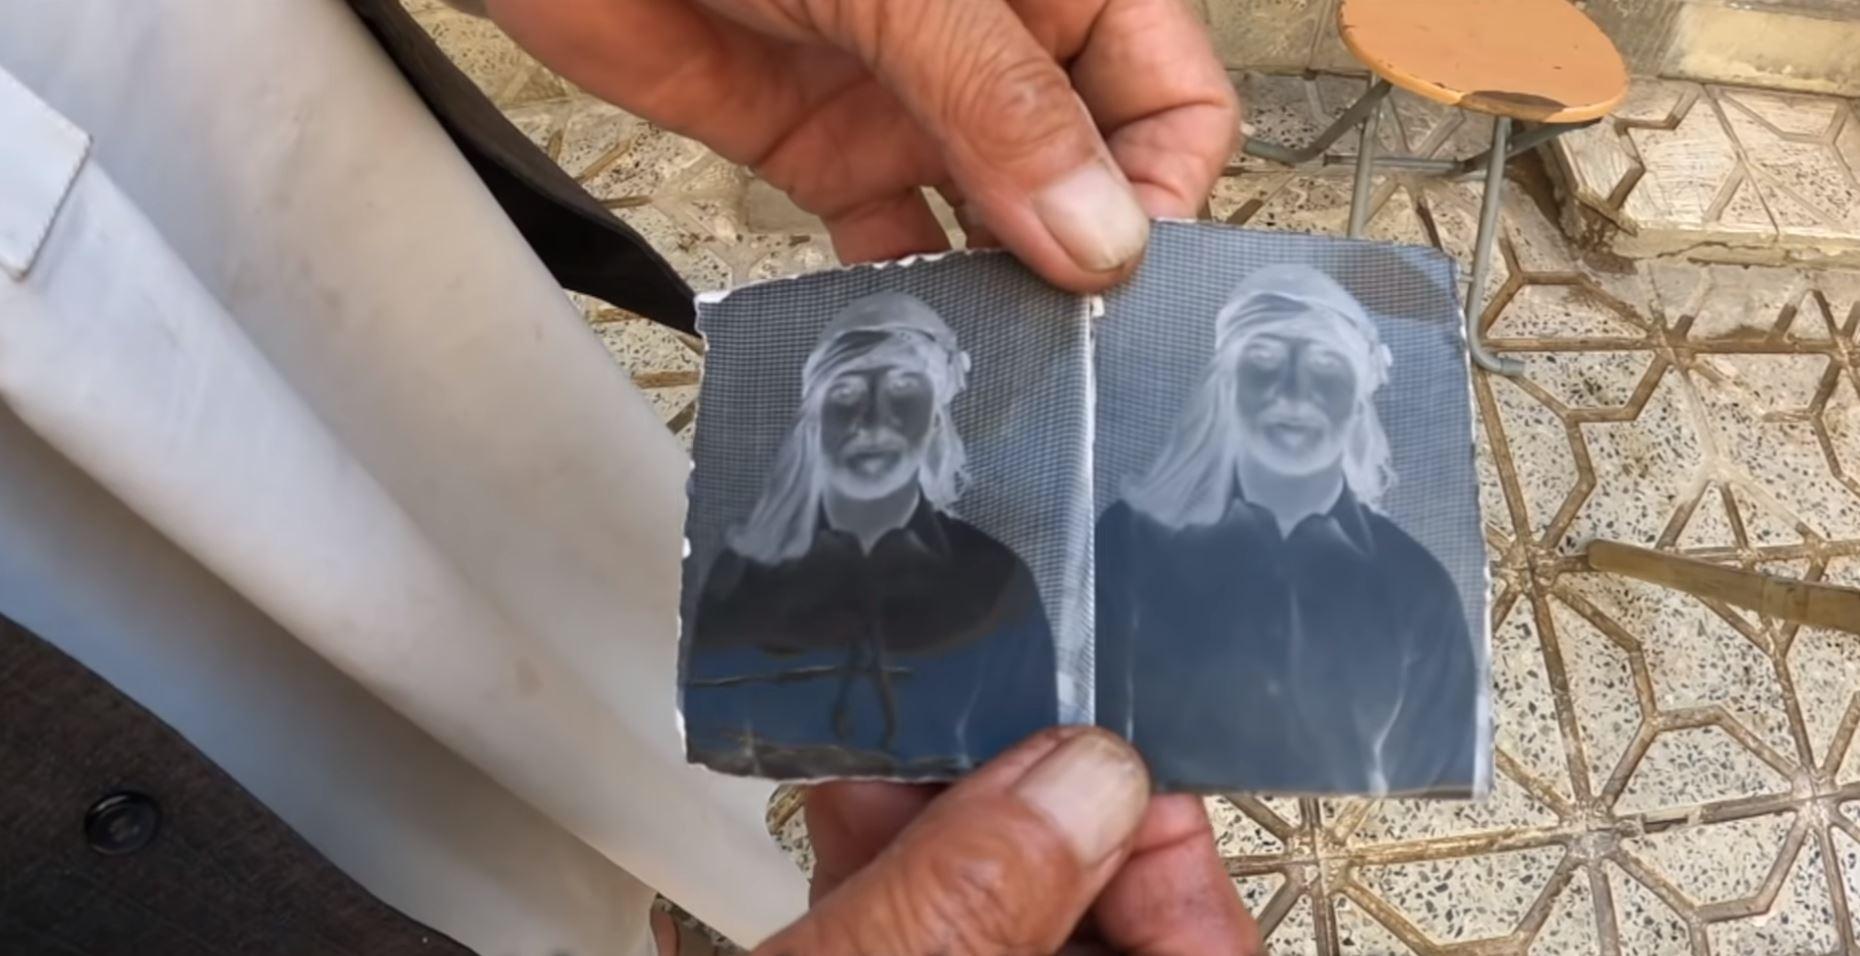 Đây là chiếc máy ảnh 100 năm tuổi của nhiếp ảnh gia chân dung người Afghanistan - Ảnh 3.